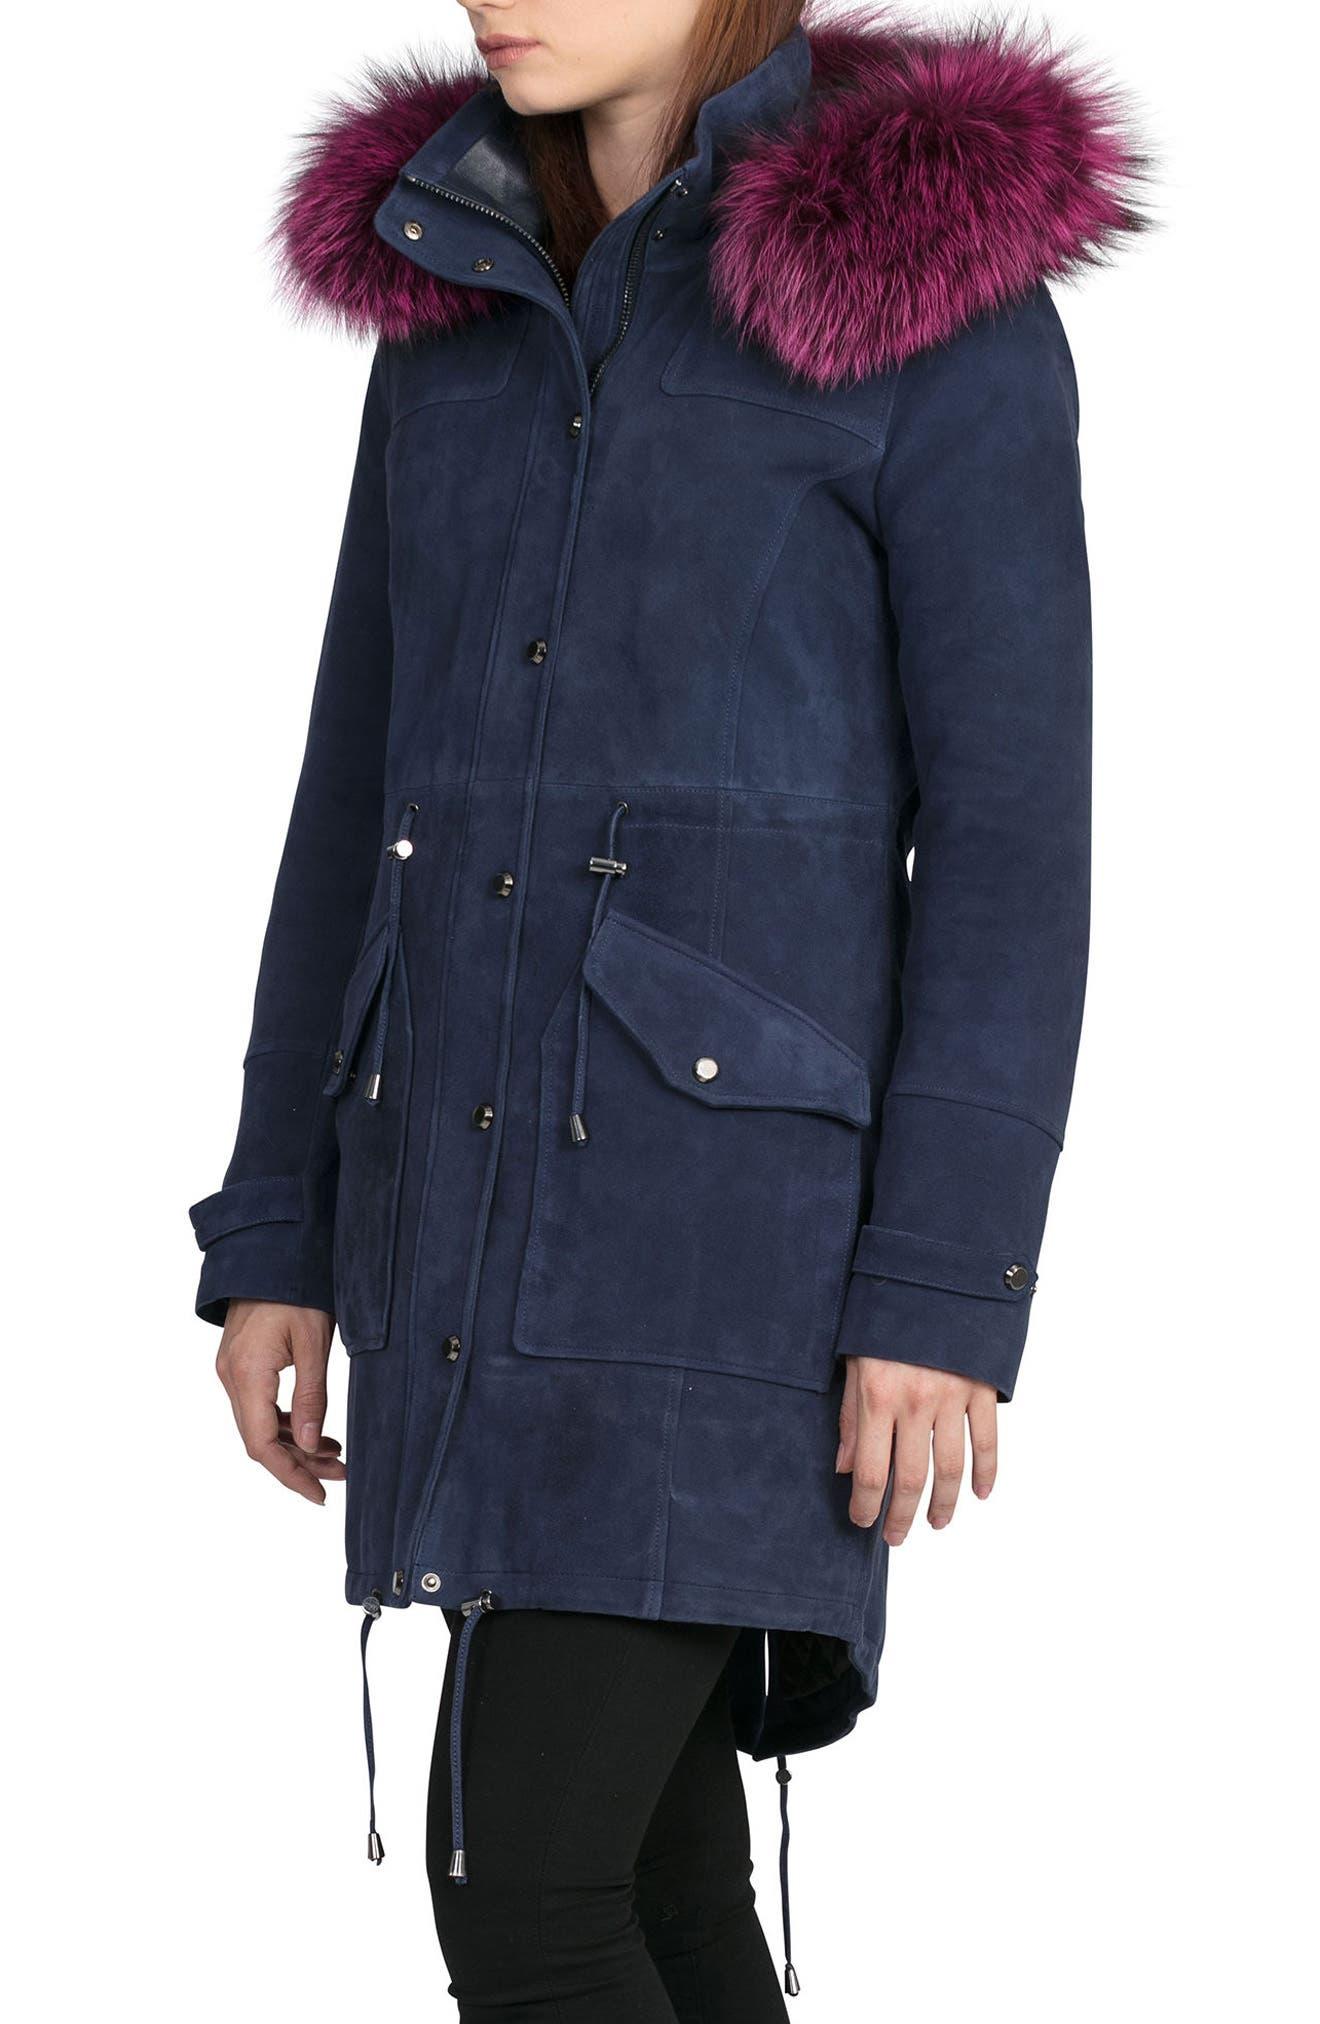 BAGATELLE.CITY The Parka Suede Coat with Genuine Fox Fur Trim,                             Alternate thumbnail 3, color,                             402